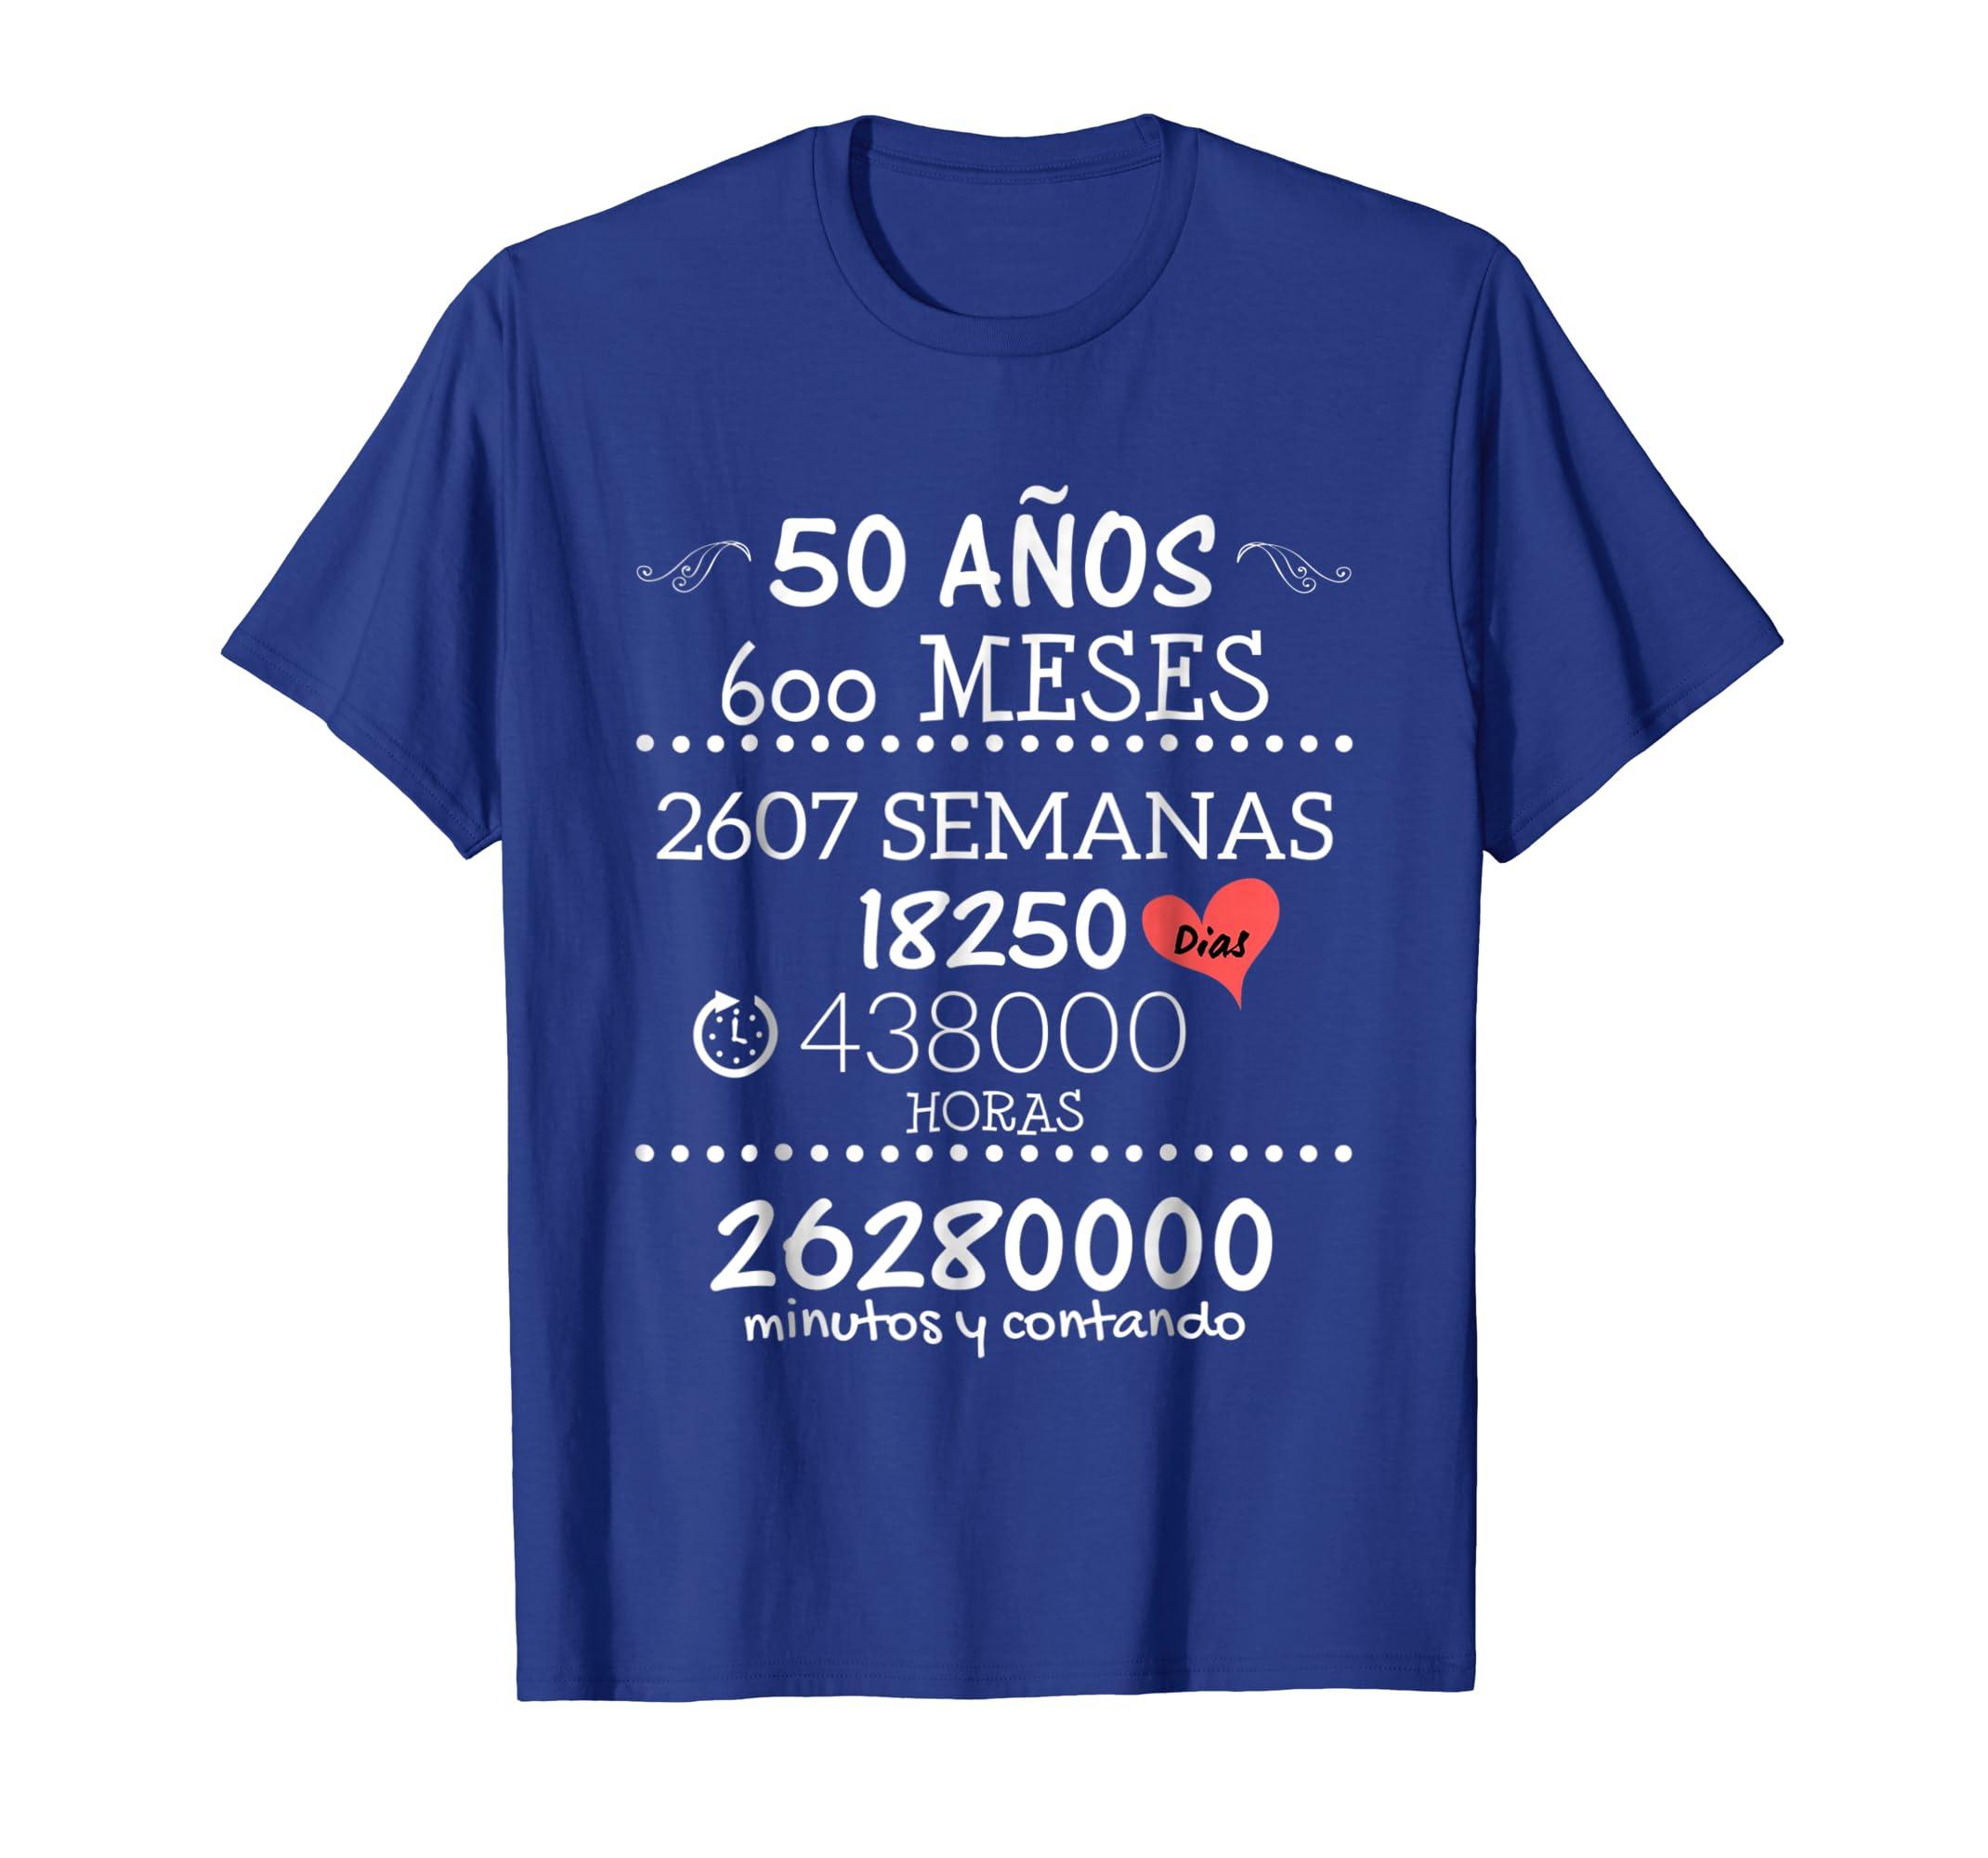 Amazon.com: Regalo de Aniversario de Bodas 50 Anos - Camiseta Bodas Oro: Clothing